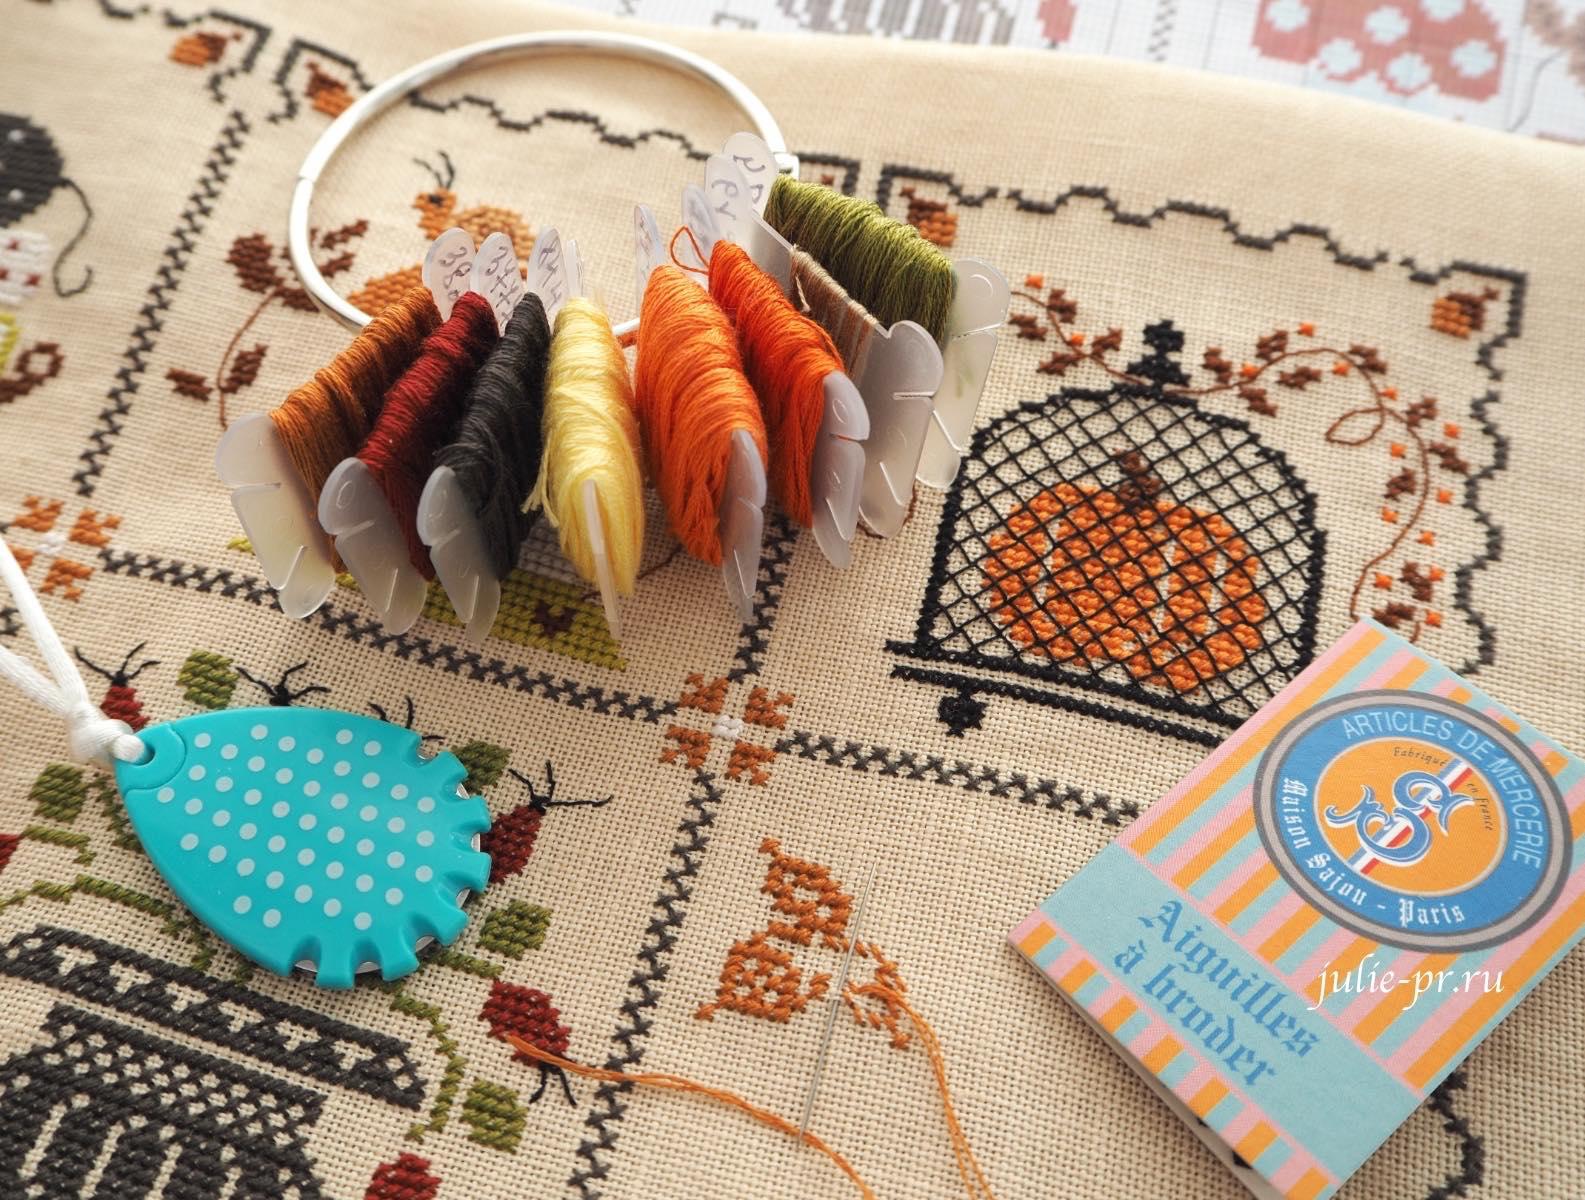 Вышивка крестом, Cuore e batticuore, Shabby Autumn Calendar, Осенний шебби календарь, резак для мулине prym, иглы №28 Sajou, кольцо для мулине, вышивка в самолете